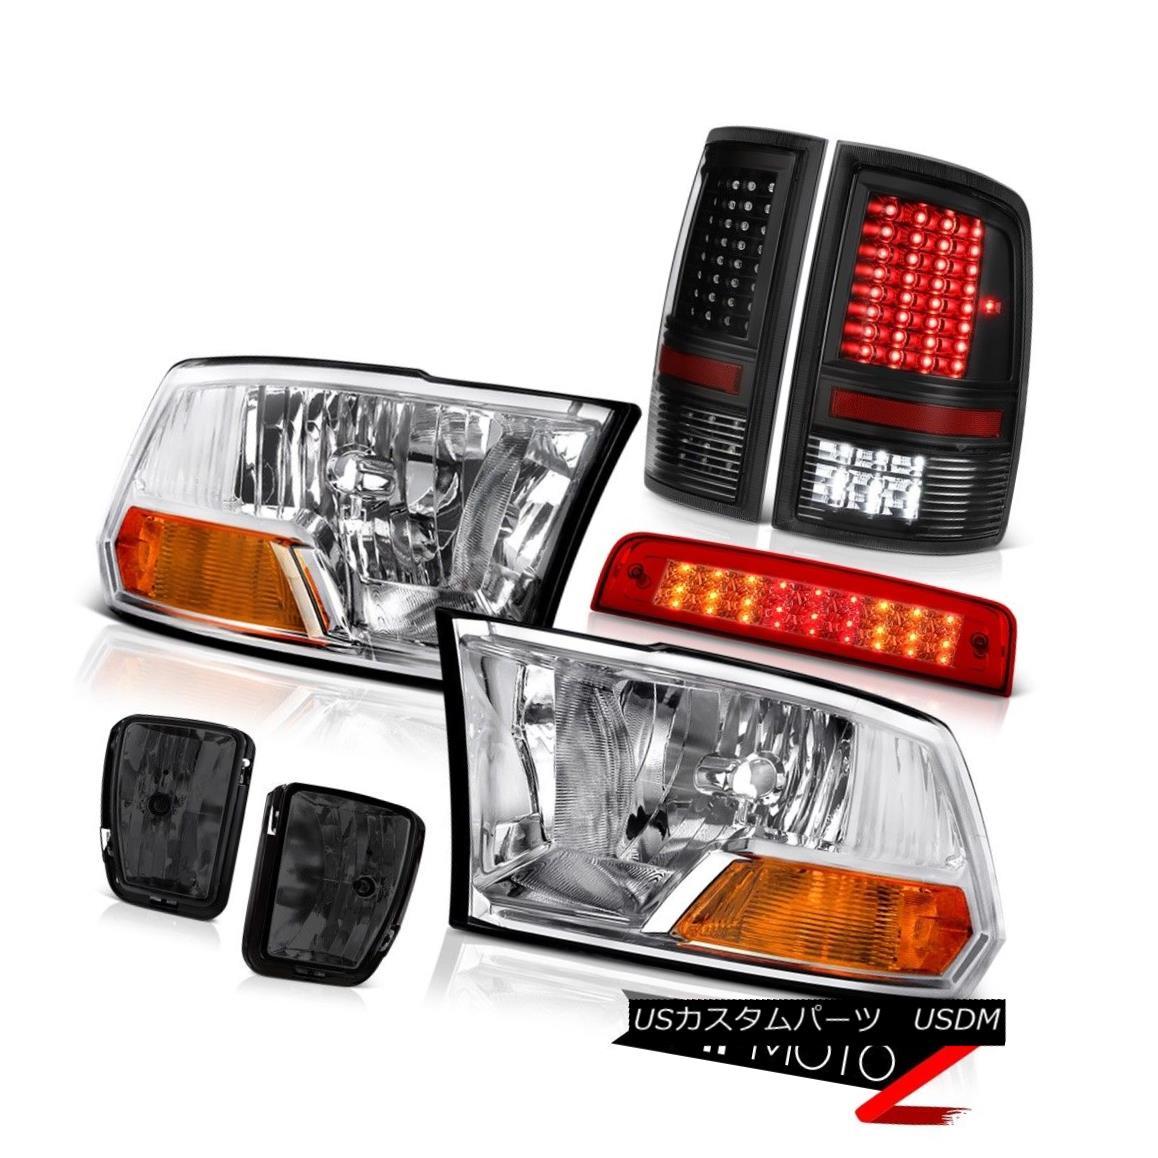 テールライト 13-18 Ram 1500 RT Third Brake Lamp Smoked Foglamps Tail Lamps Headlamps Assembly 13-18 Ram 1500 RT第3ブレーキランプスモークフォグランプテールランプヘッドランプアセンブリ